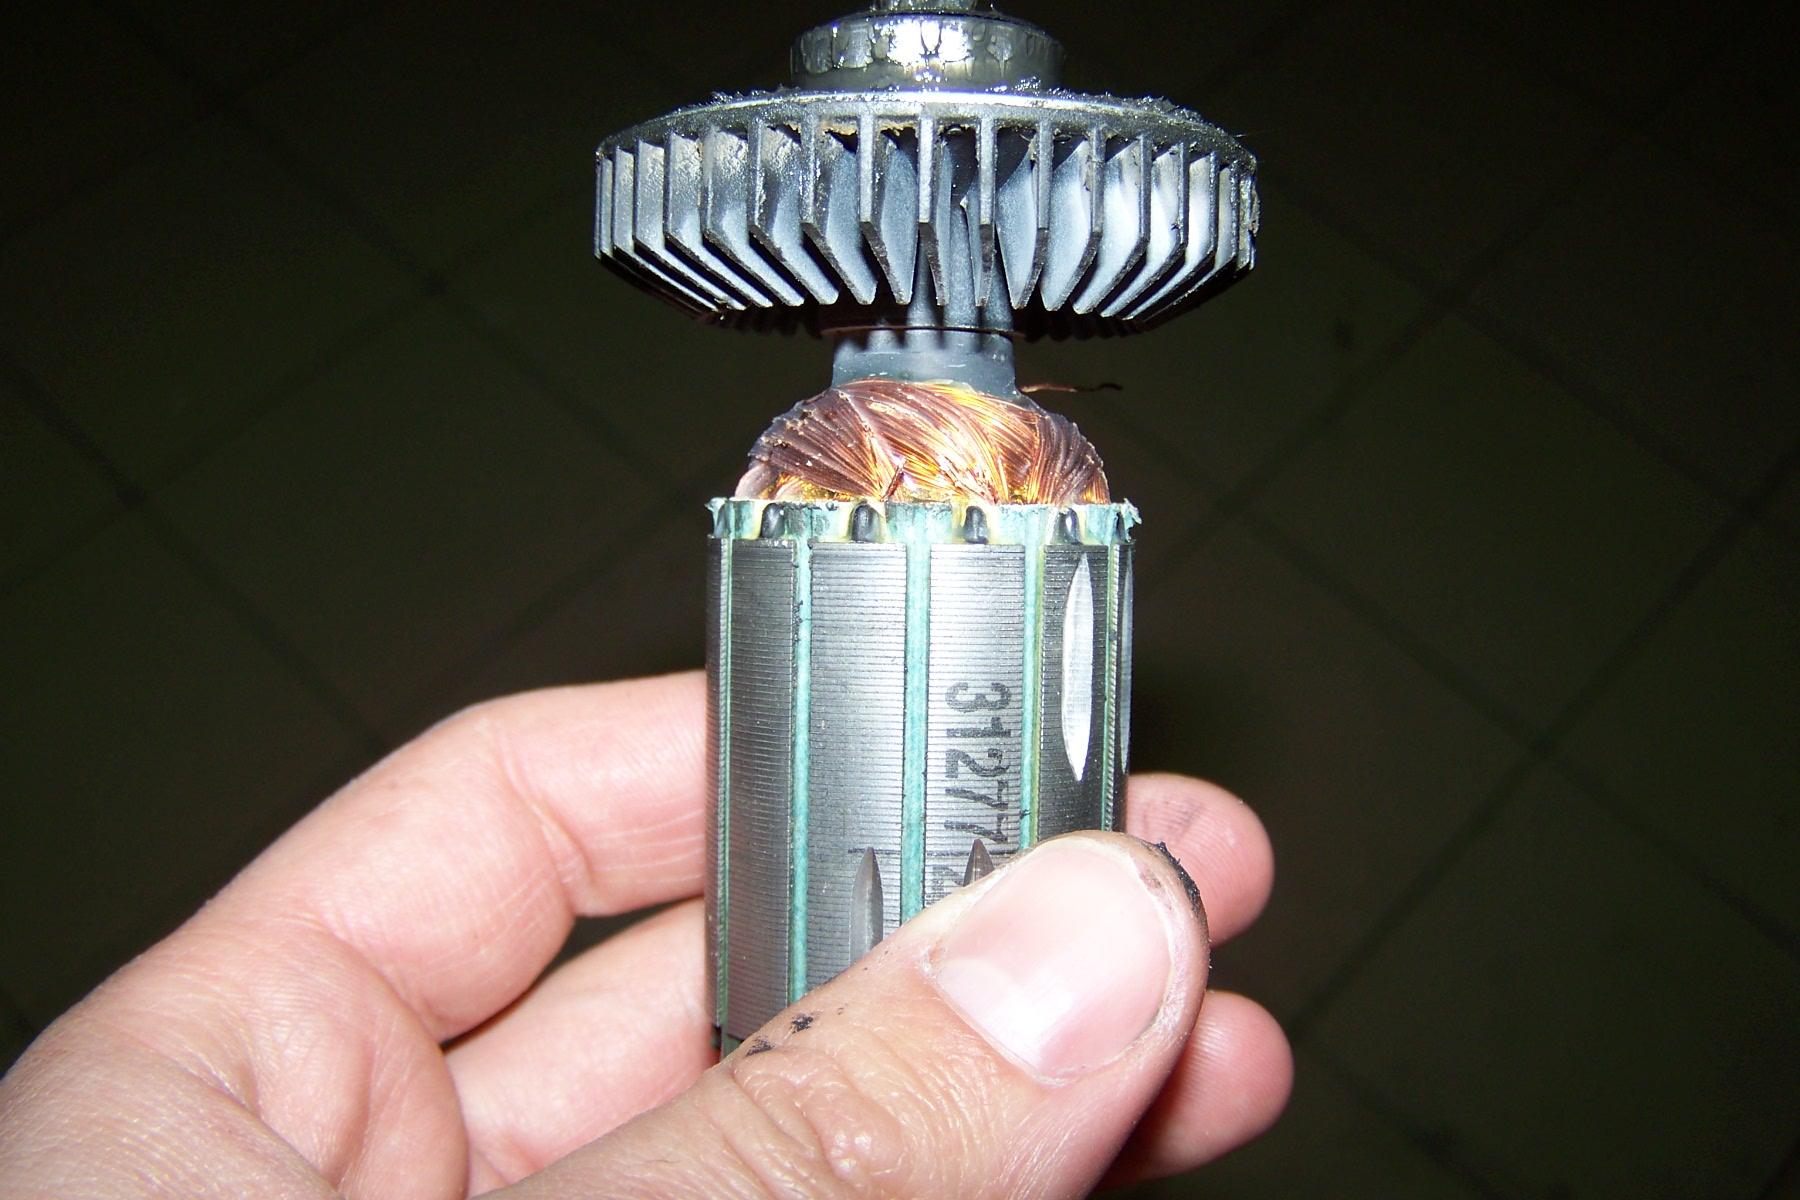 KRESS HMX 24 - Przezwojenie wirnika, ewentualnie zakup wirnika